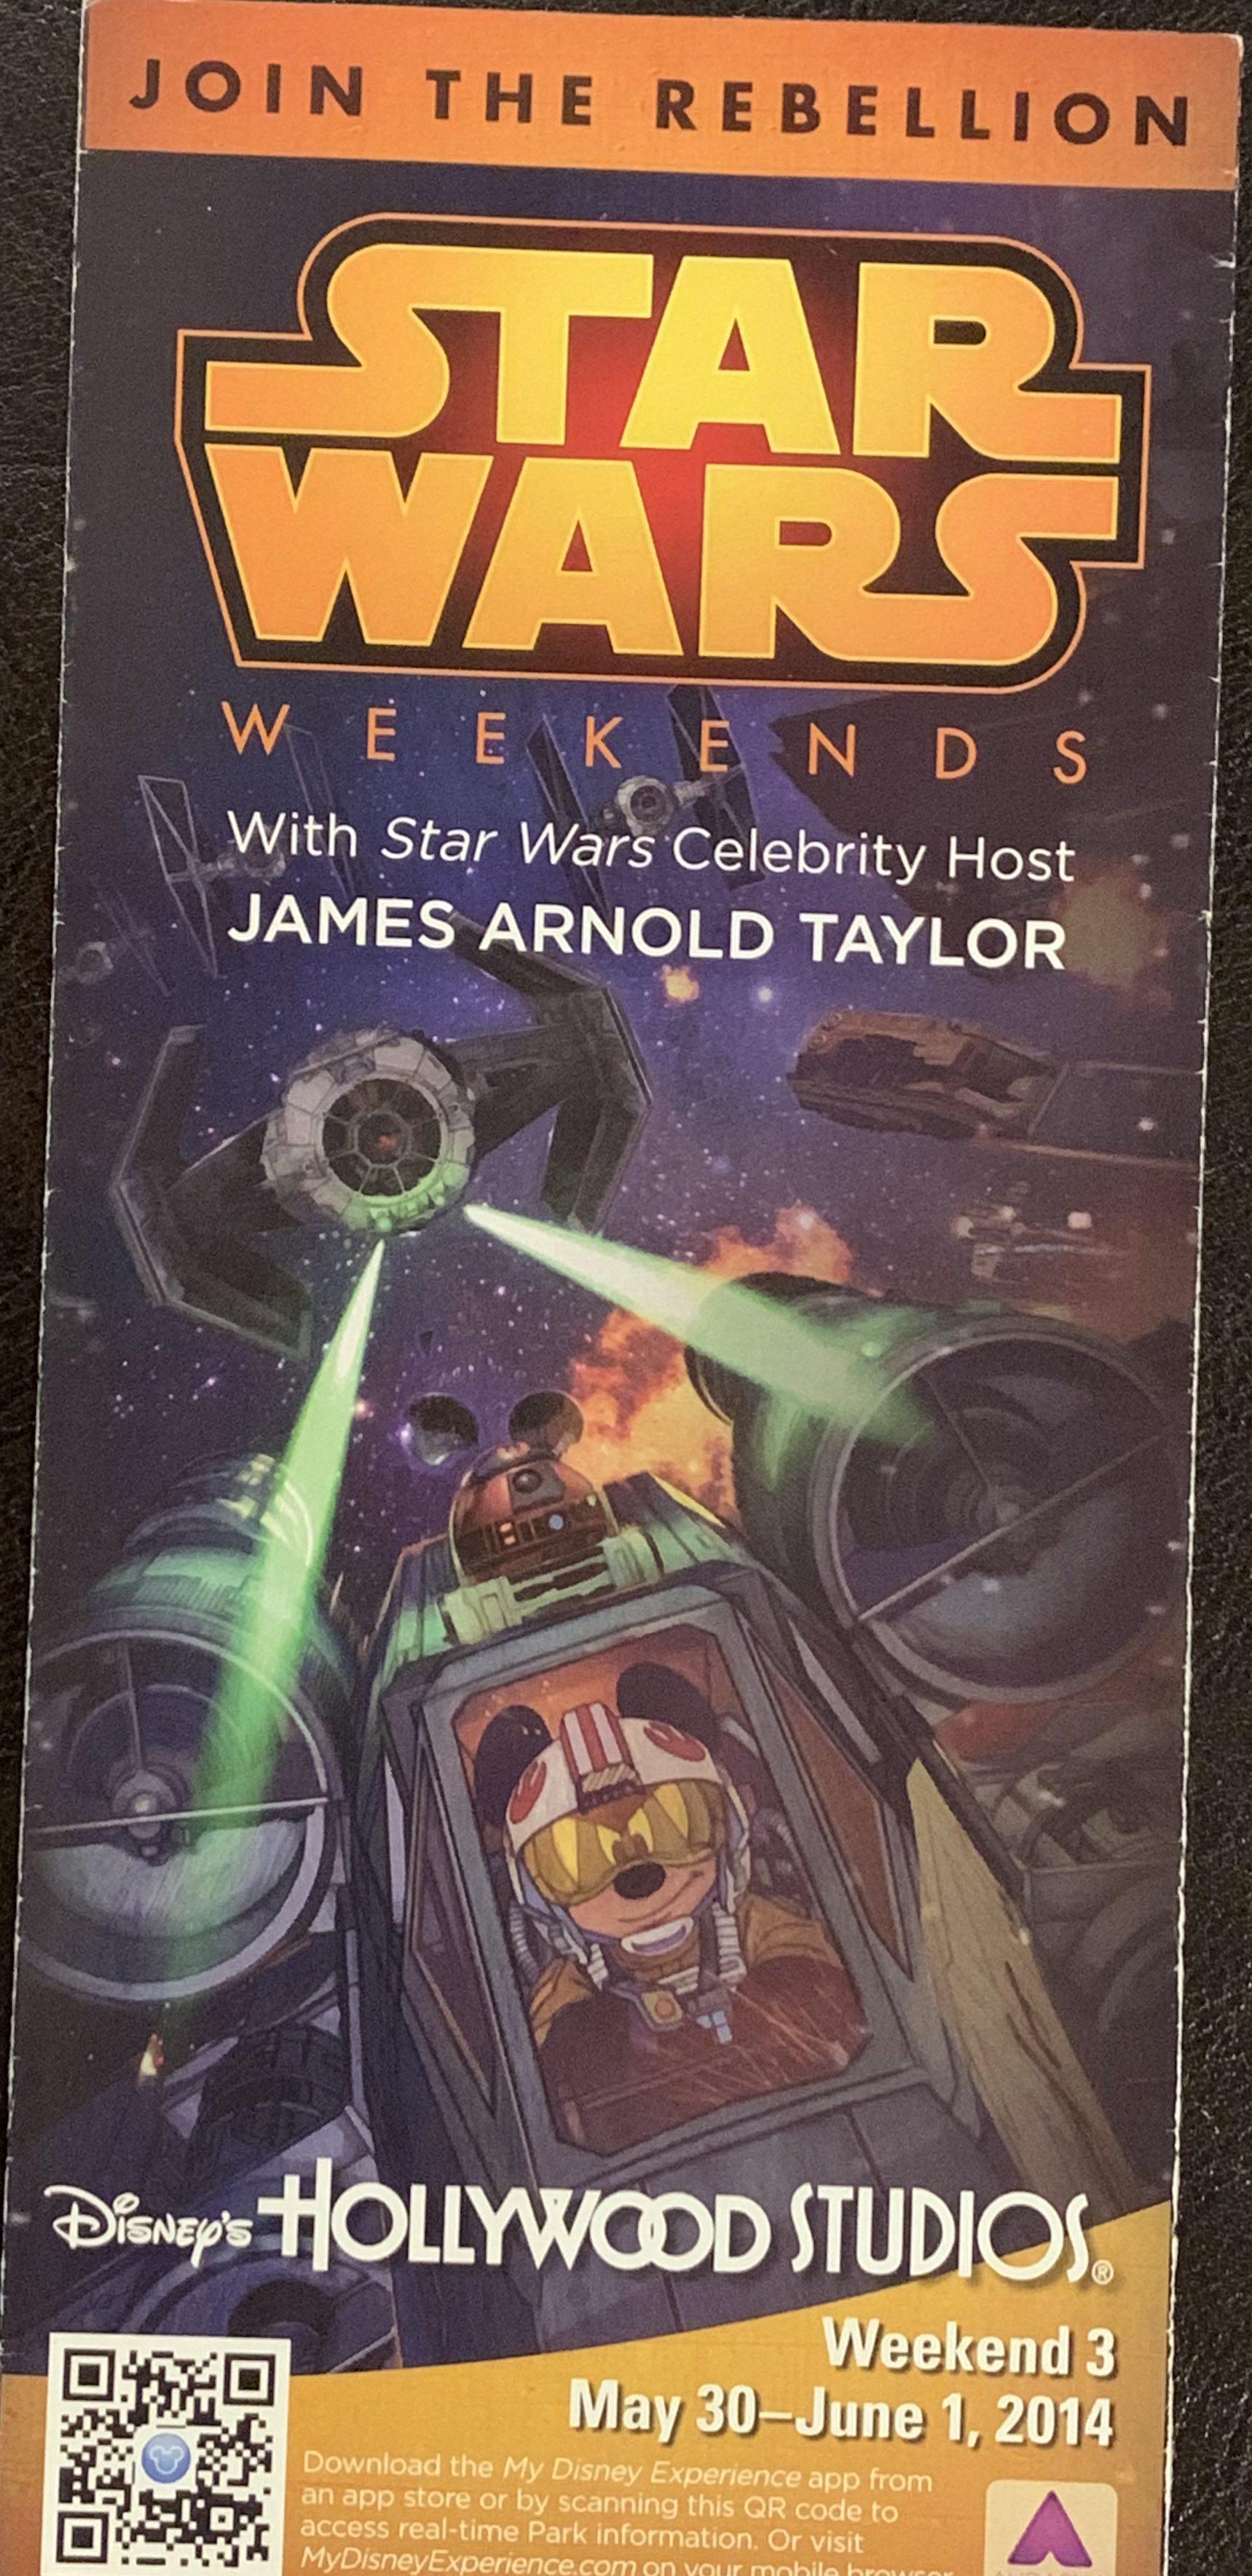 Star Wars Weekends Hollywood Studios 2014 Week 3